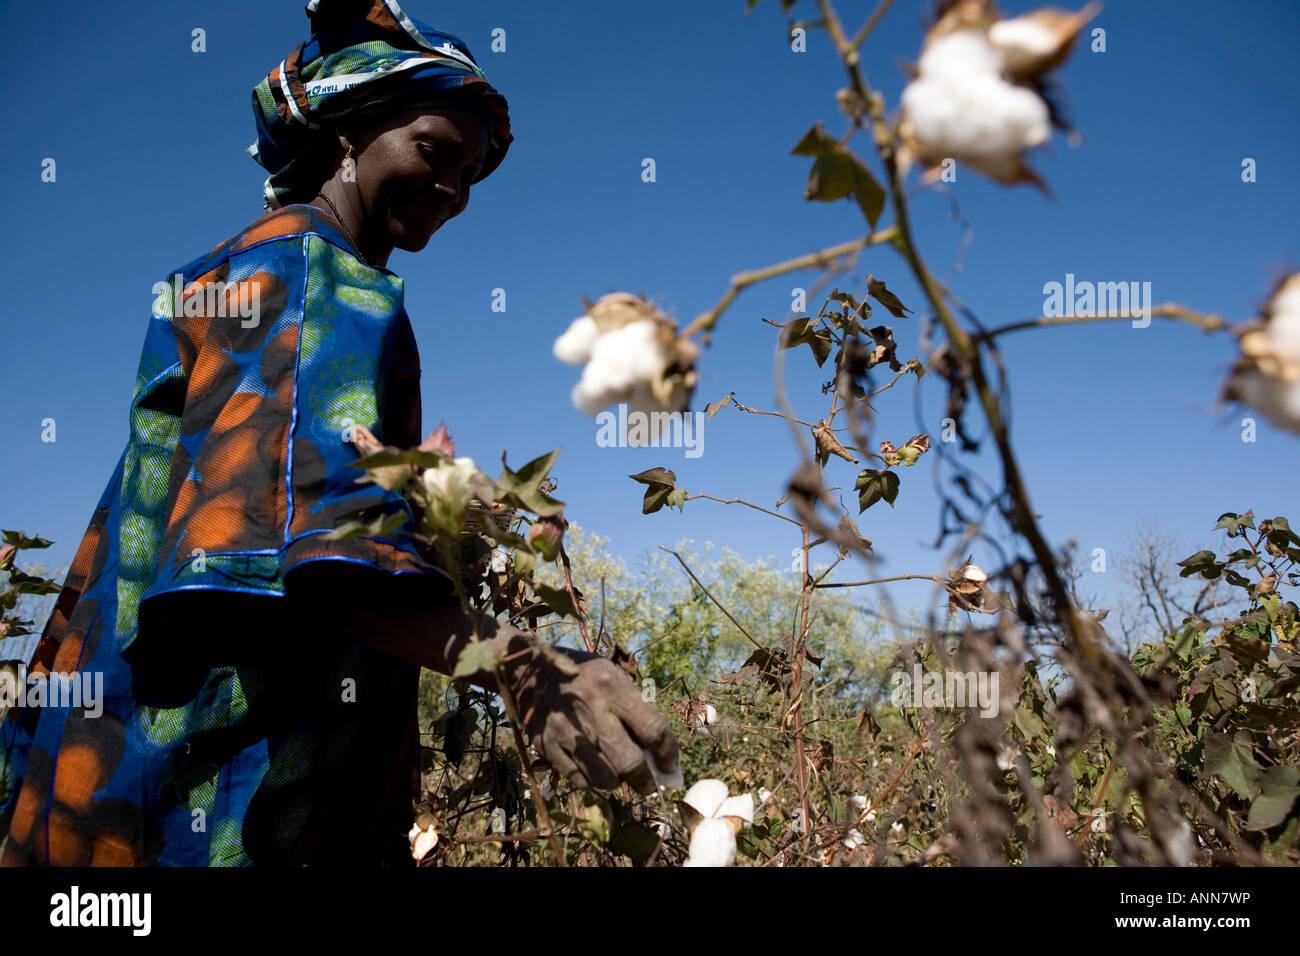 Bintou Dembele cotton farmer Djidian Mali - Stock Image